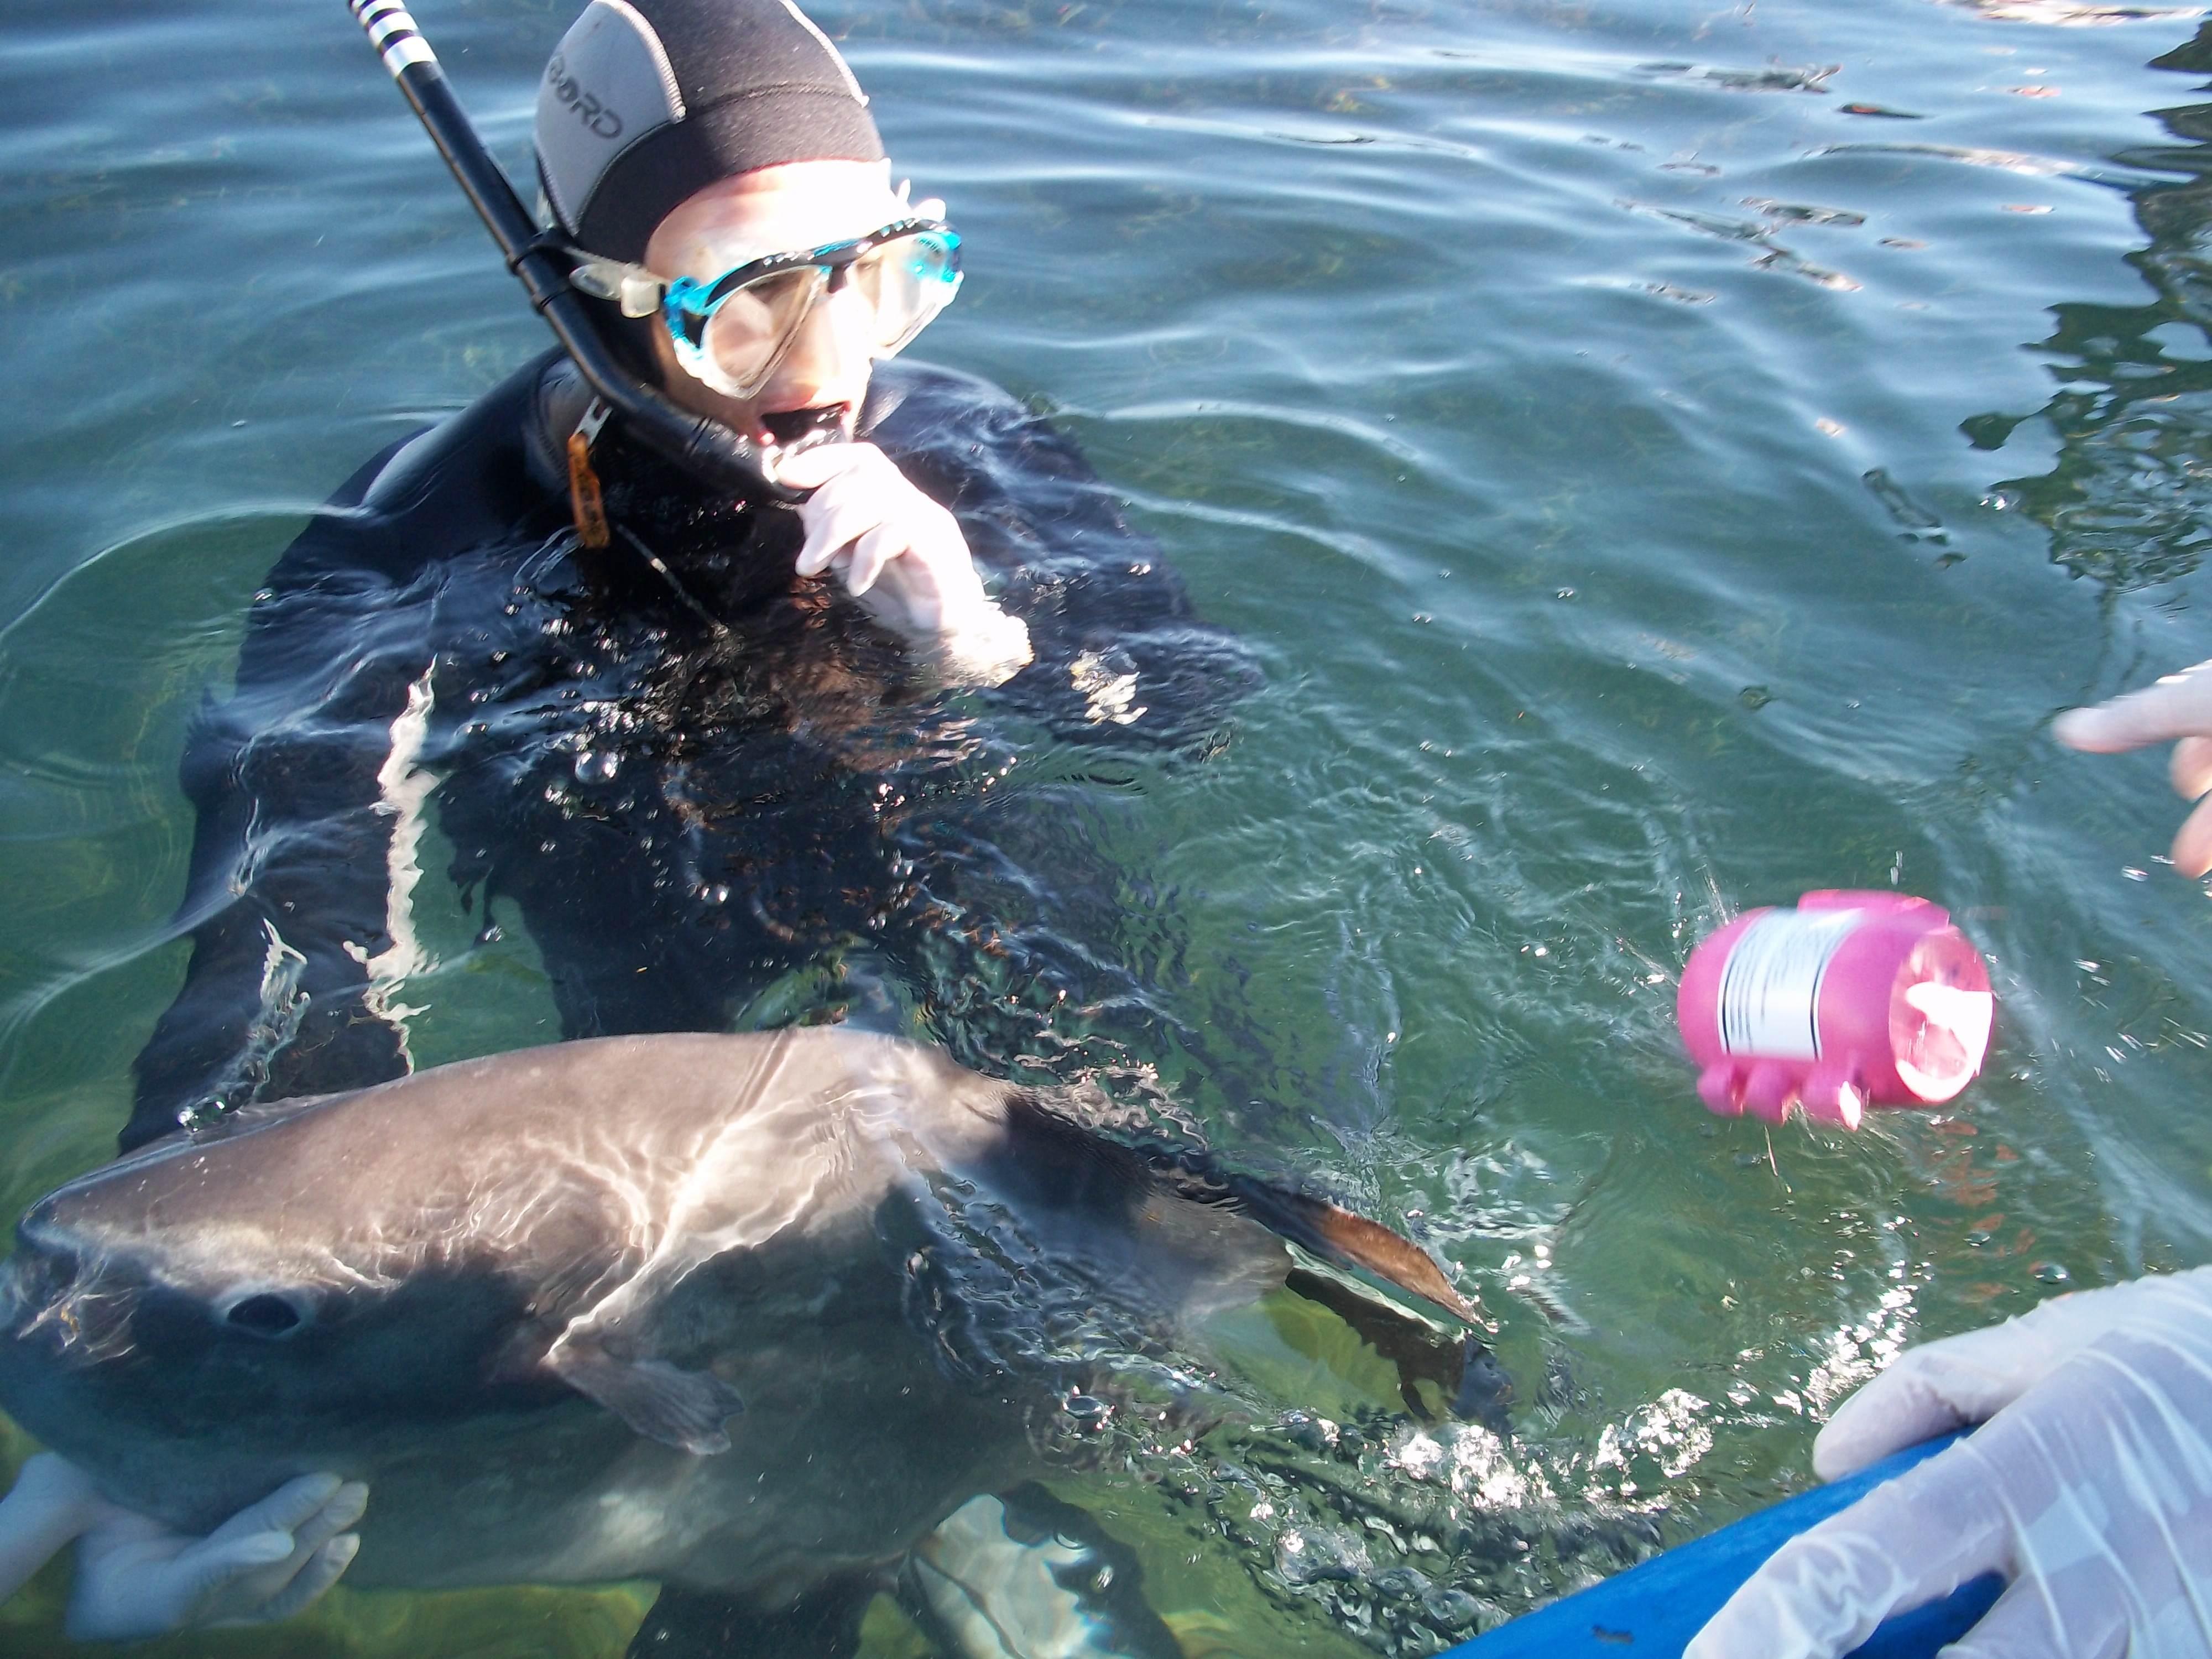 Aluna de Doutoramento em biologia da UPorto Lara Sousa do CIBIO, na rede de pesca de Atum a marcar um Mola vivo para testes. O objectivo é testar como os marcadores resistem às condições no mar e ter uma ideia de como o peixe se poderá comportar ao longo do tempo.